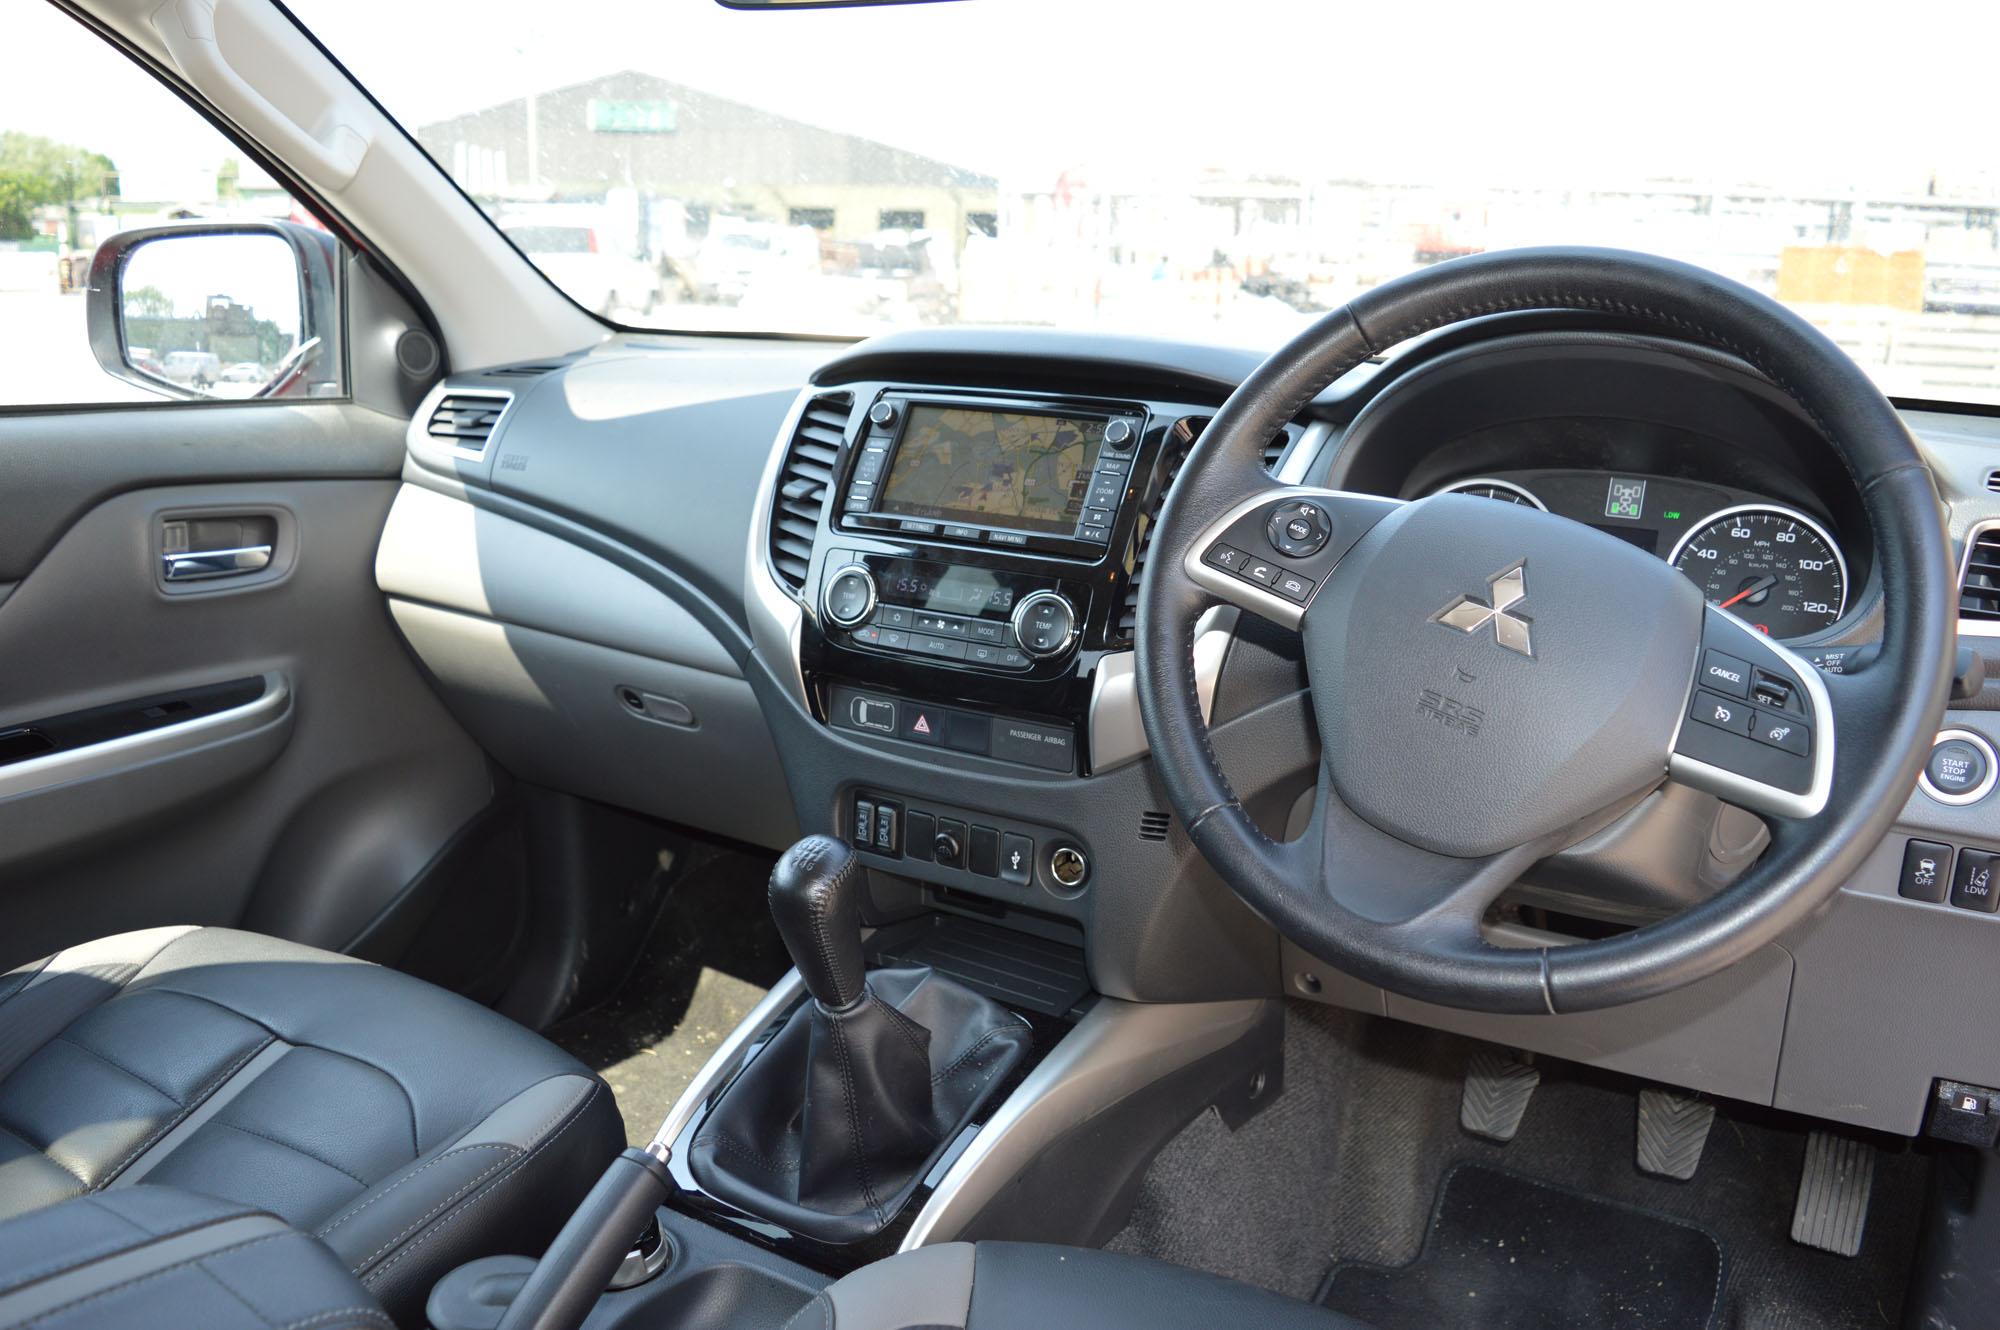 Mitsubishi L200 specs - Pro Pickup & 4x4